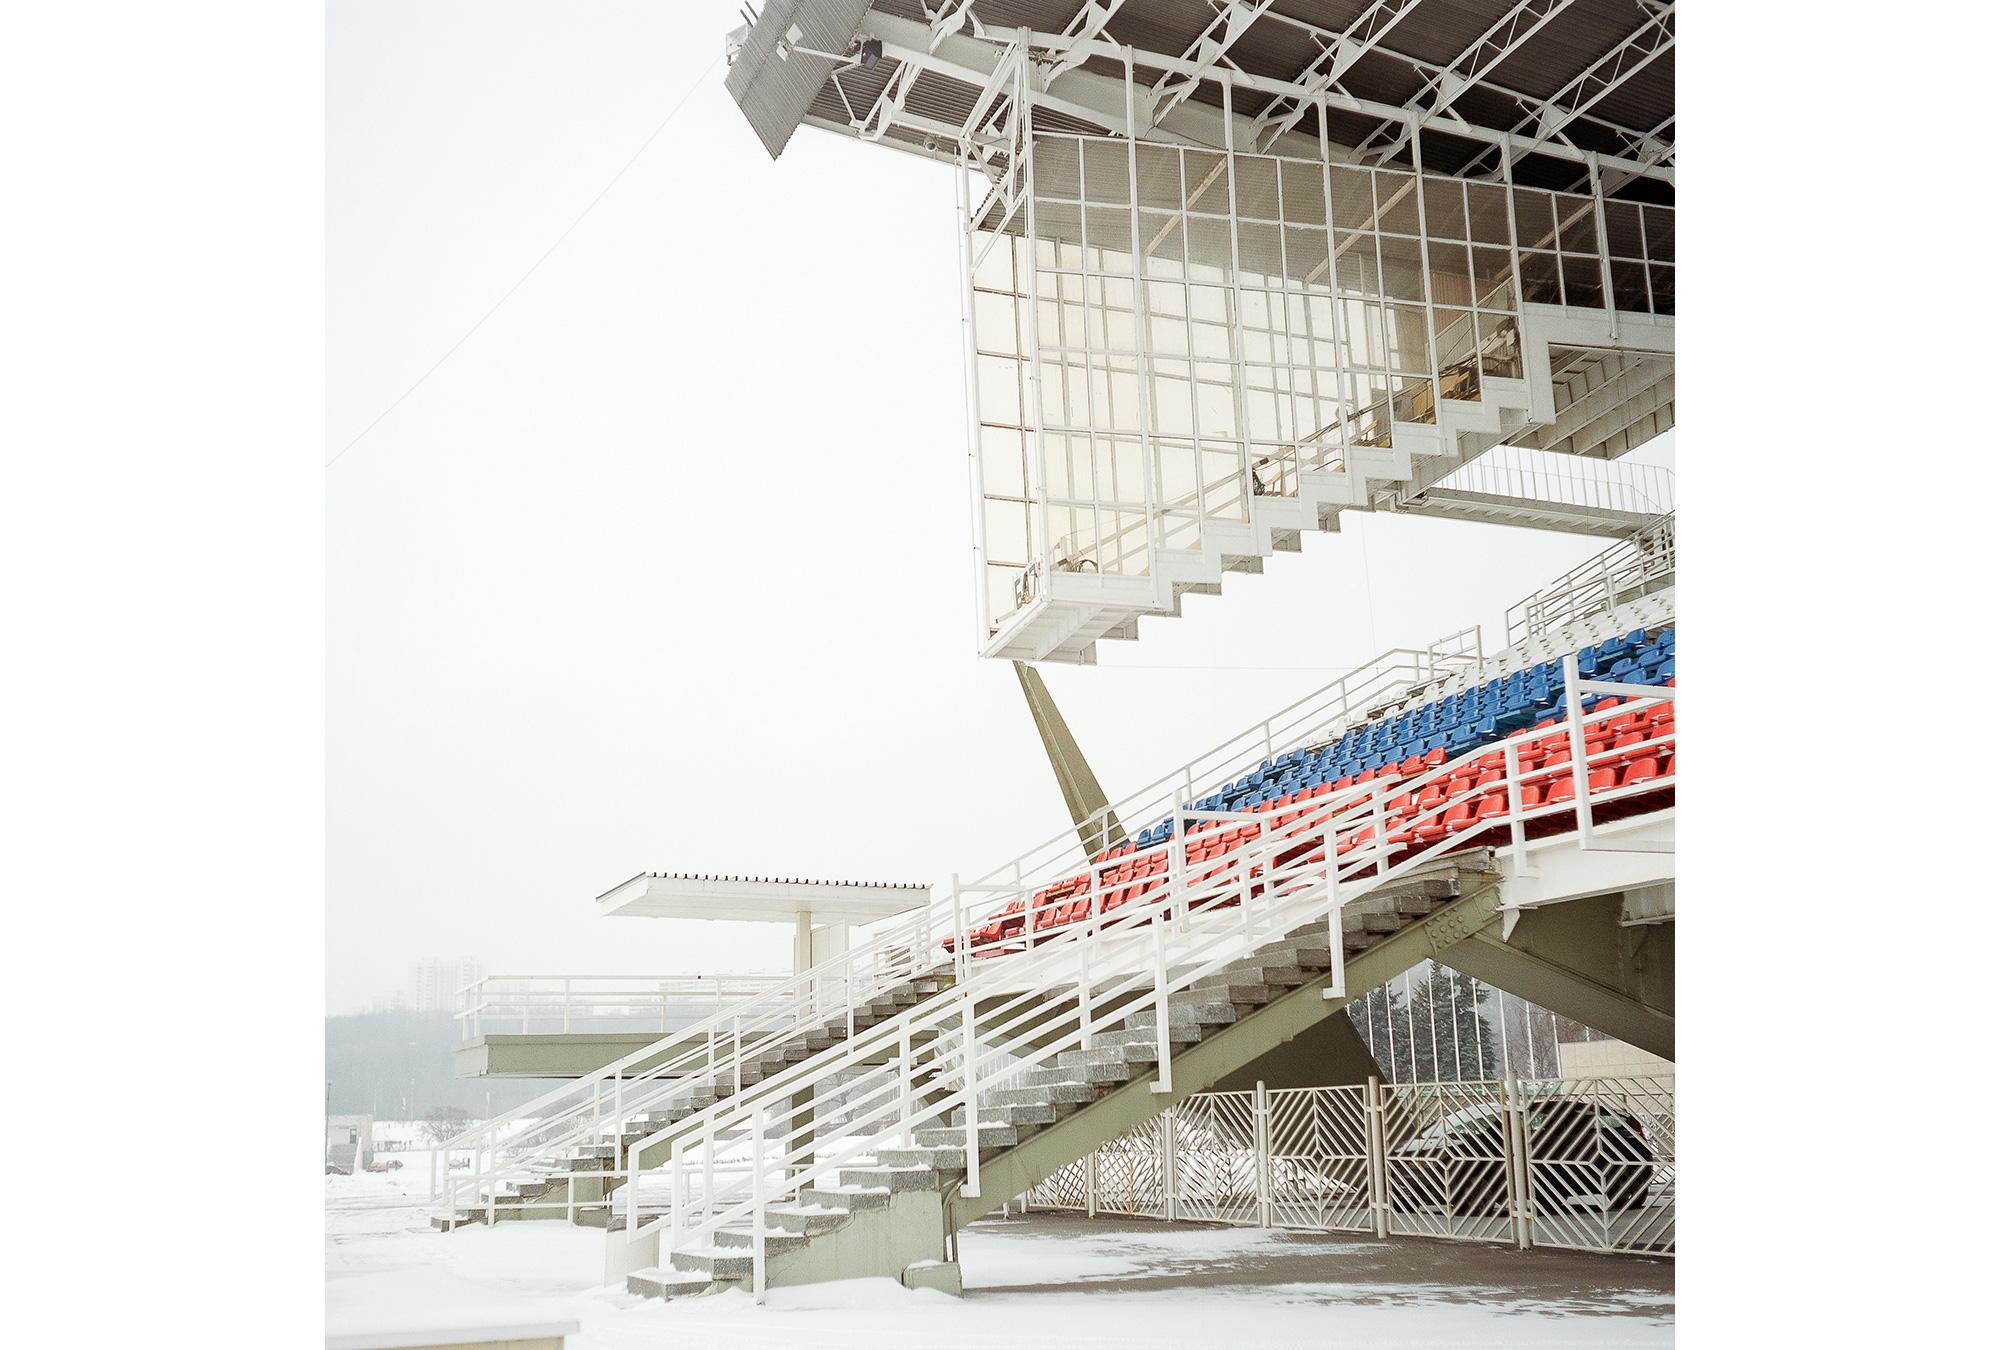 Punktrichter-Tribüne in der Krylatskoje-Arena. Das 2300-Meter-Becken für Kanu- und Rudersport wurde speziell für die Olympischen Sommerspiele in Moskau errichtet, wird seitdem allerdings nicht mehr regelmäßig genutzt.